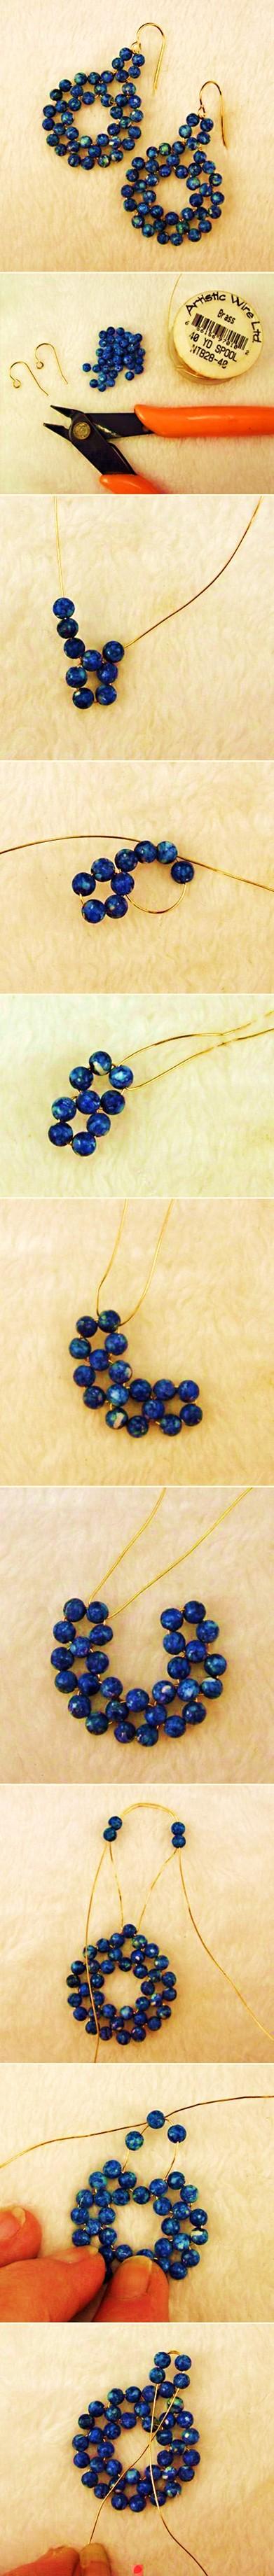 arete pendiente zarcillo perla azul diy como se hace bisuteria